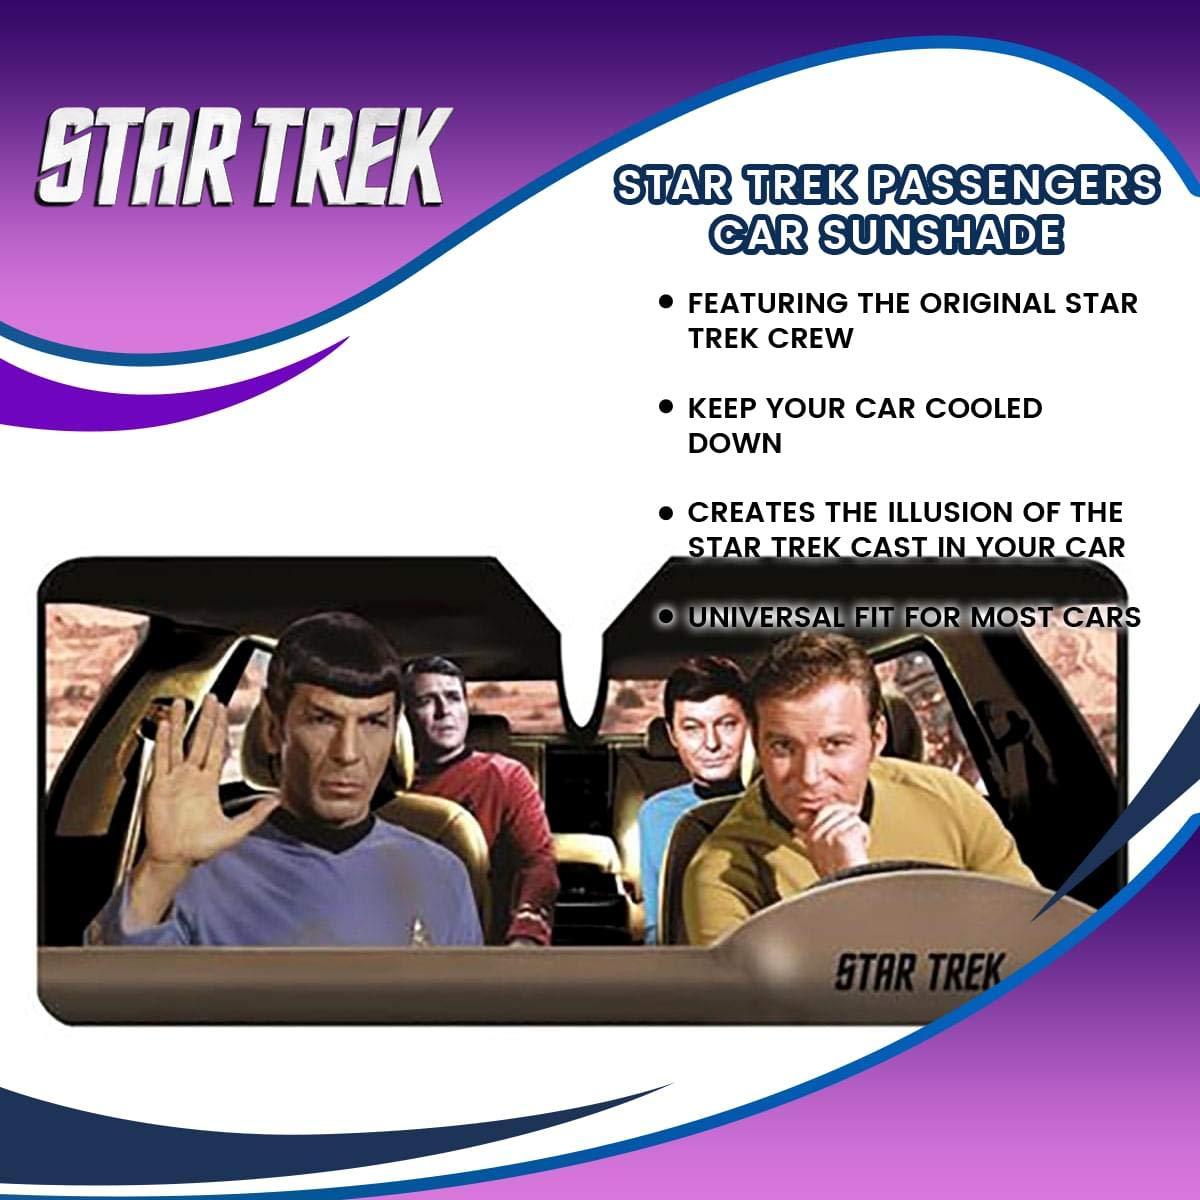 Star Trek Passengers Car Sunshade